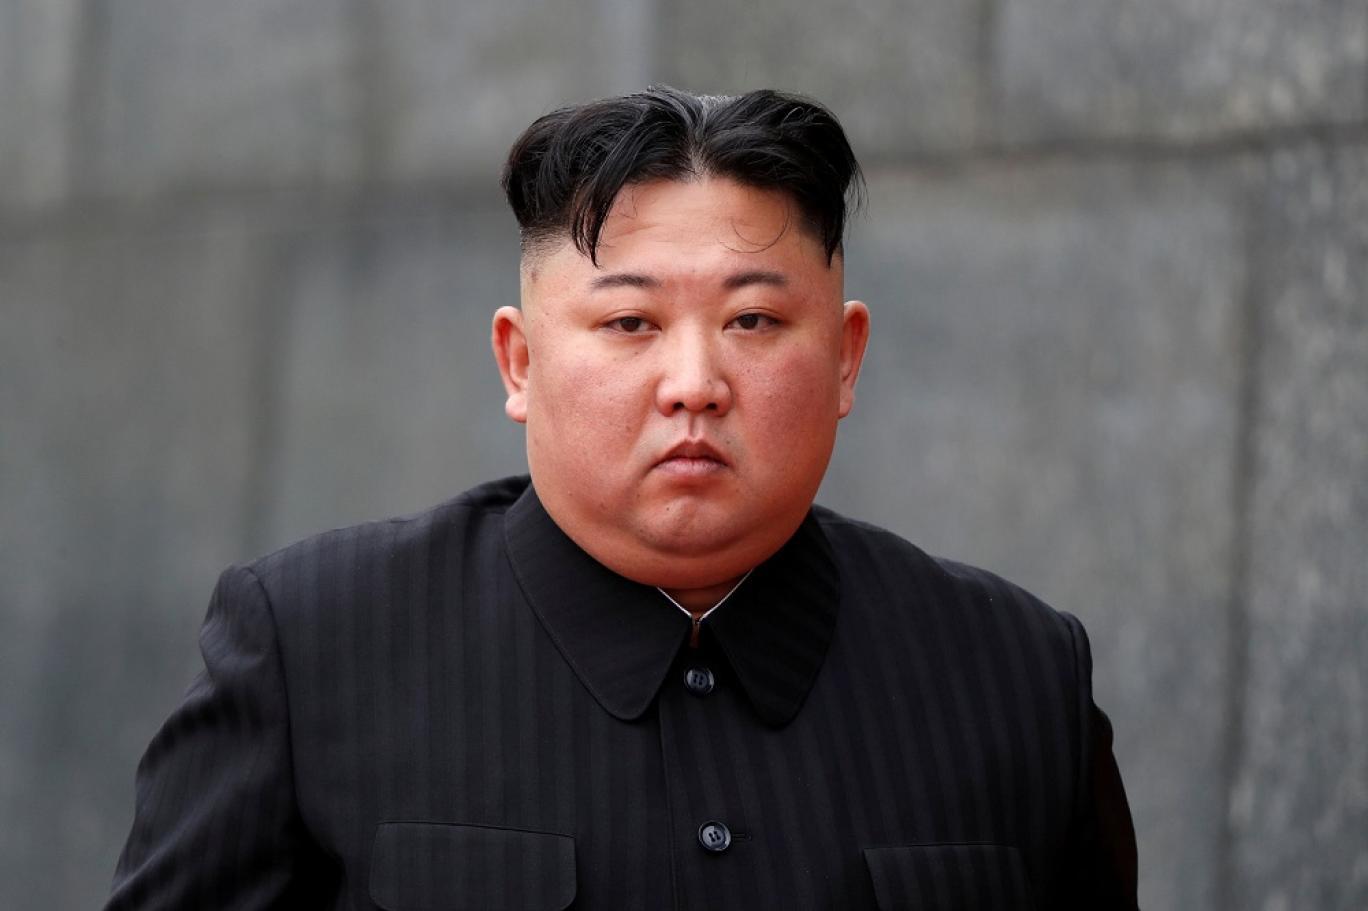 مسؤول أمريكي يفجر مفاجأة بشأن صحة الزعيم الكوري الشمالي ويصف حالته بالخطرة!